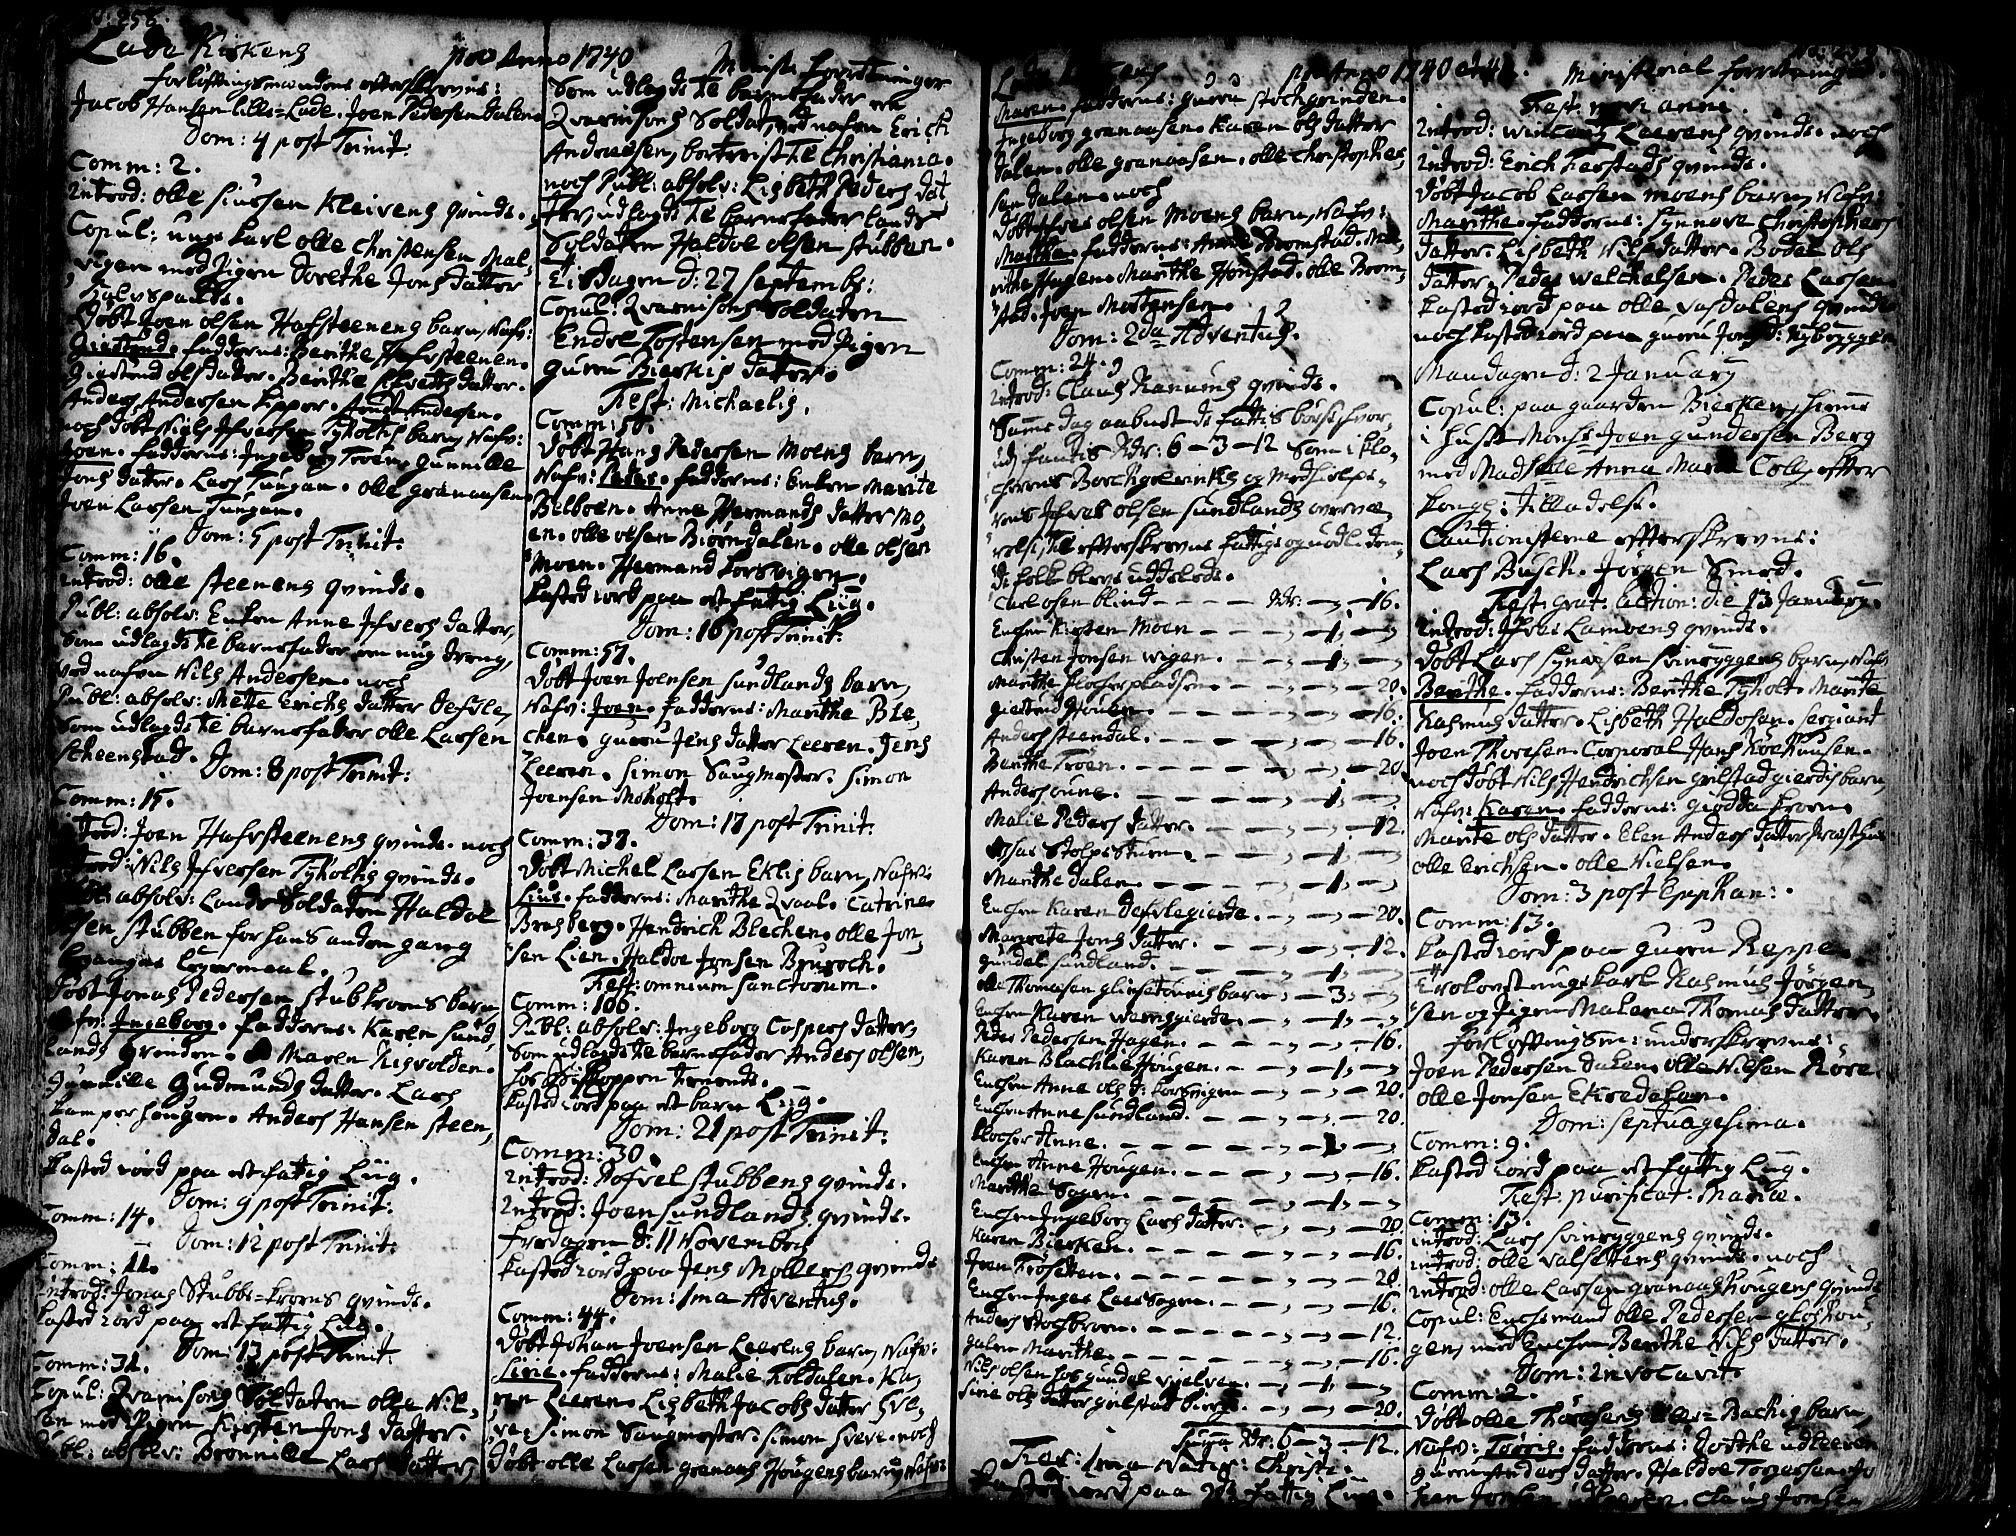 SAT, Ministerialprotokoller, klokkerbøker og fødselsregistre - Sør-Trøndelag, 606/L0275: Ministerialbok nr. 606A01 /1, 1727-1780, s. 258-259